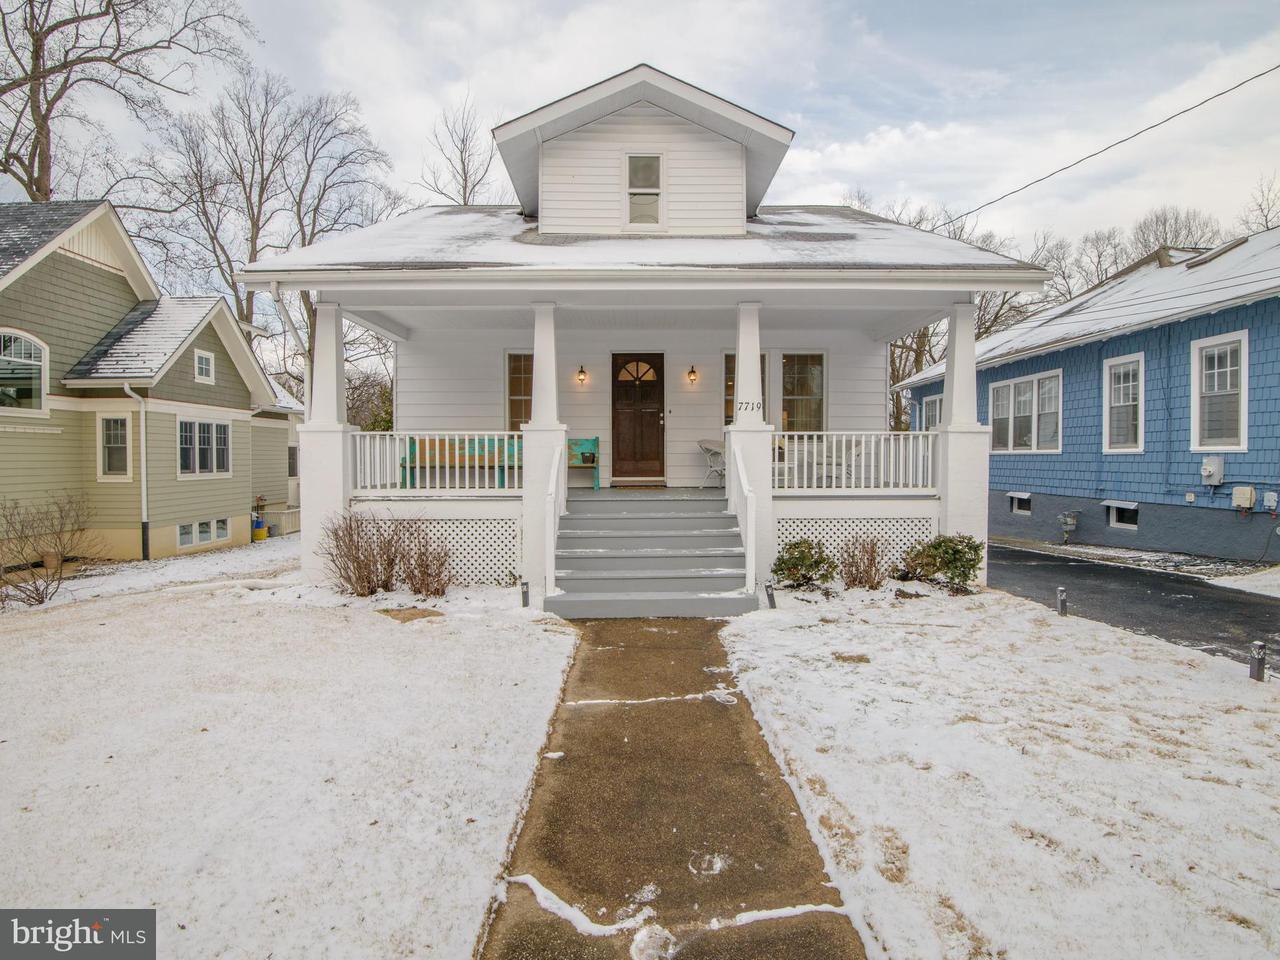 Частный односемейный дом для того Продажа на 7719 GARLAND Avenue 7719 GARLAND Avenue Takoma Park, Мэриленд 20912 Соединенные Штаты